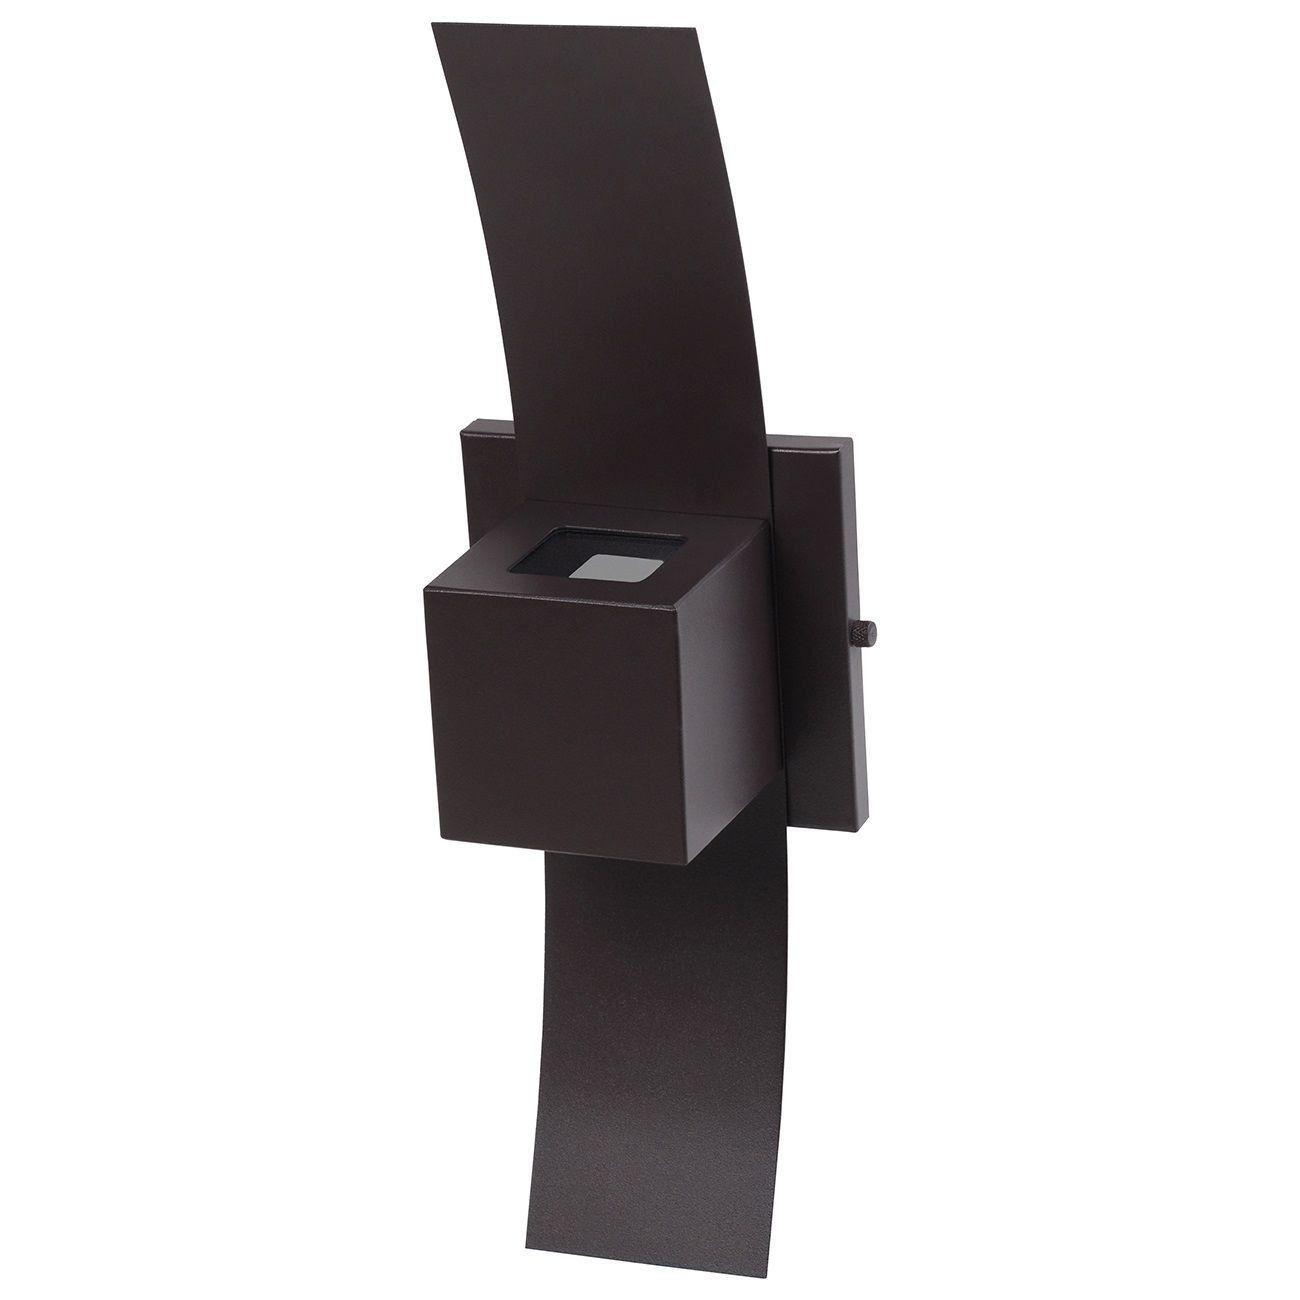 Arandela Box com Aba 2 Focos Luminária Externa Interna Muro Parede Alumínio Marrom - Rei da Iluminação